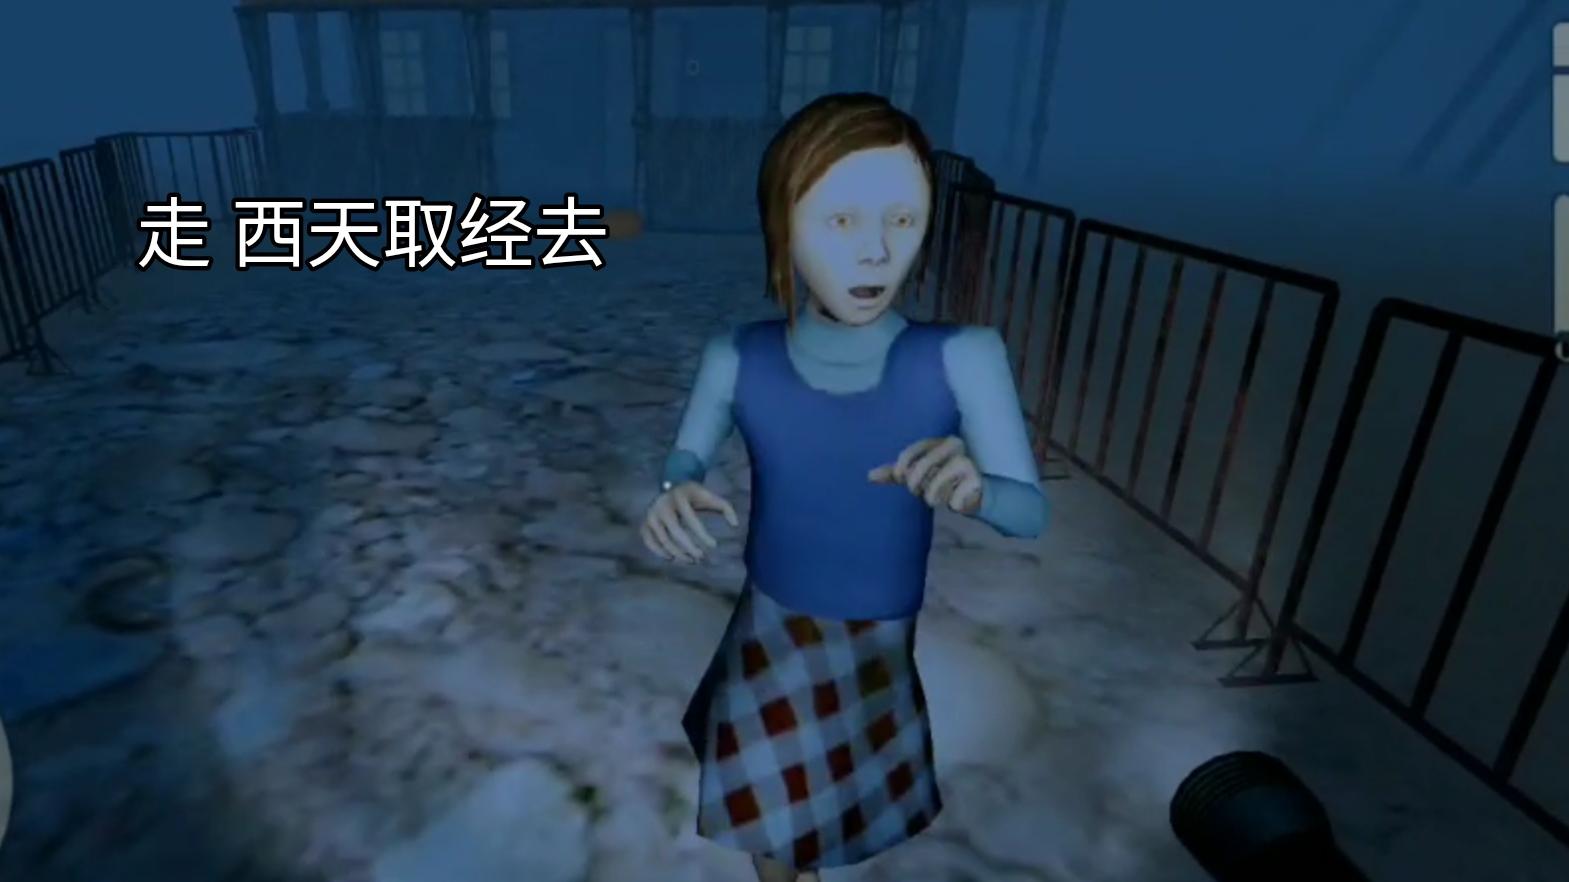 觉醒 恐怖 手机游戏解说完结章#秋名山老司机在线玩车